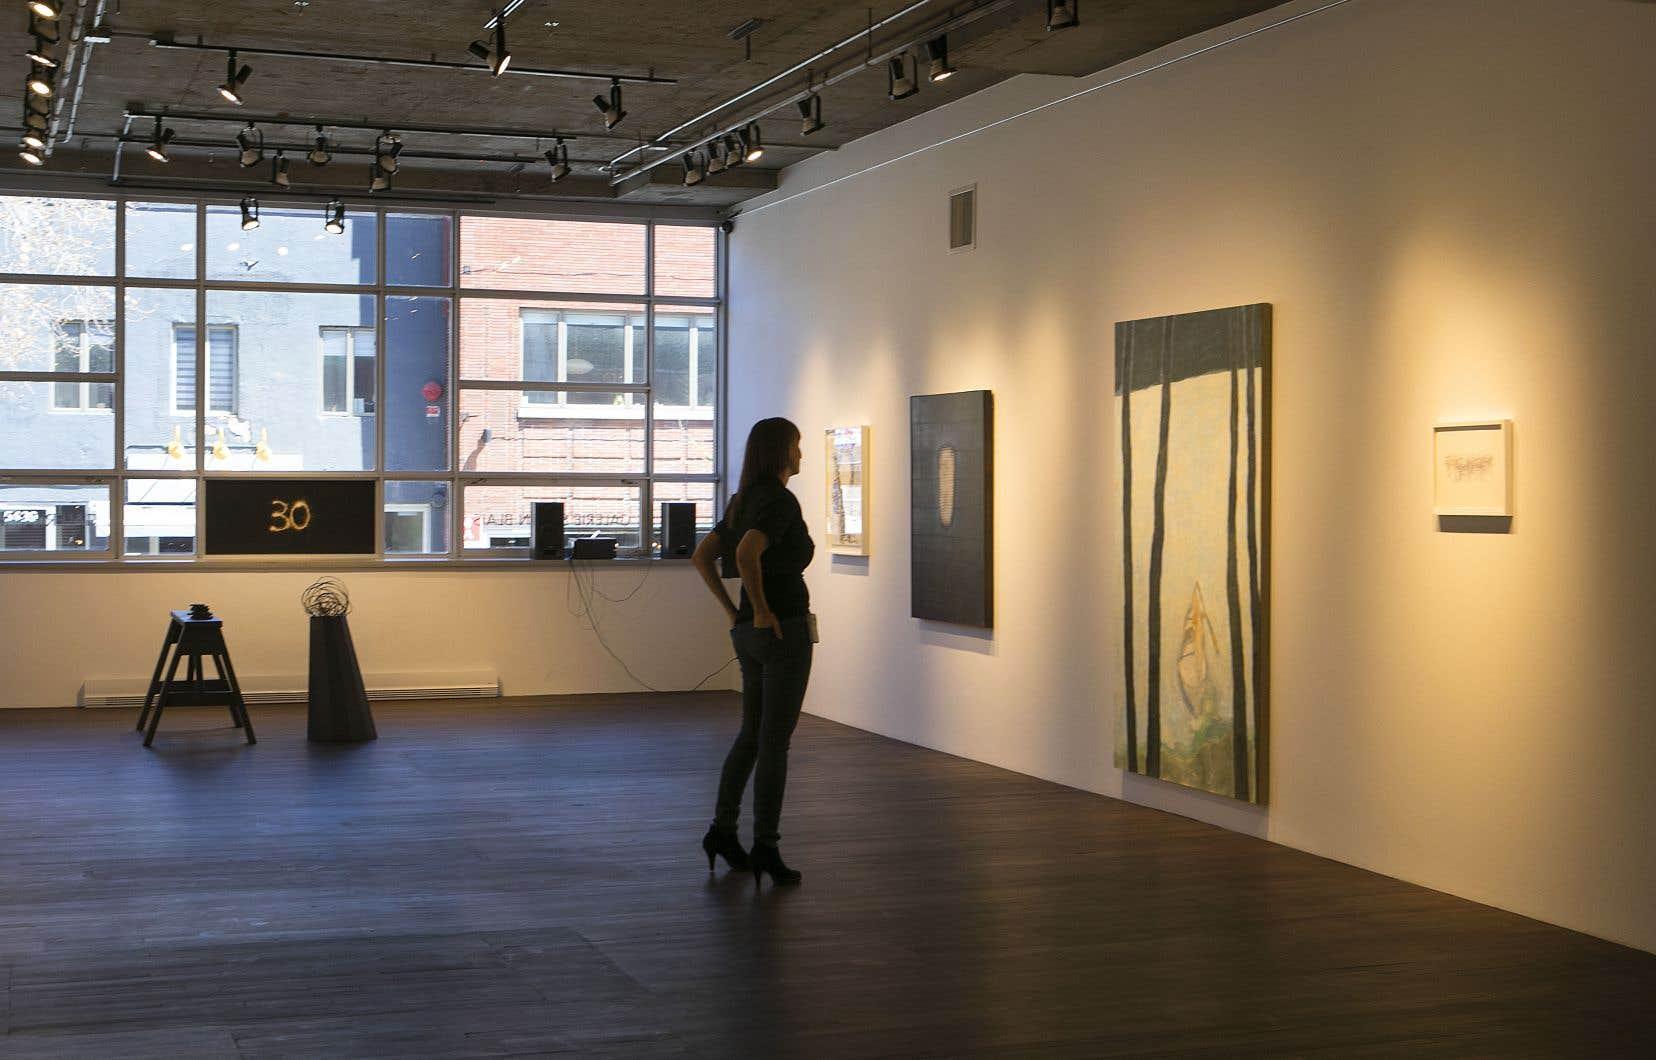 La collection présentée jusqu'au 29juin comporte des œuvres photographiques, de l'huile sur toile, de l'encre sur papier, des œuvres conceptuelles…